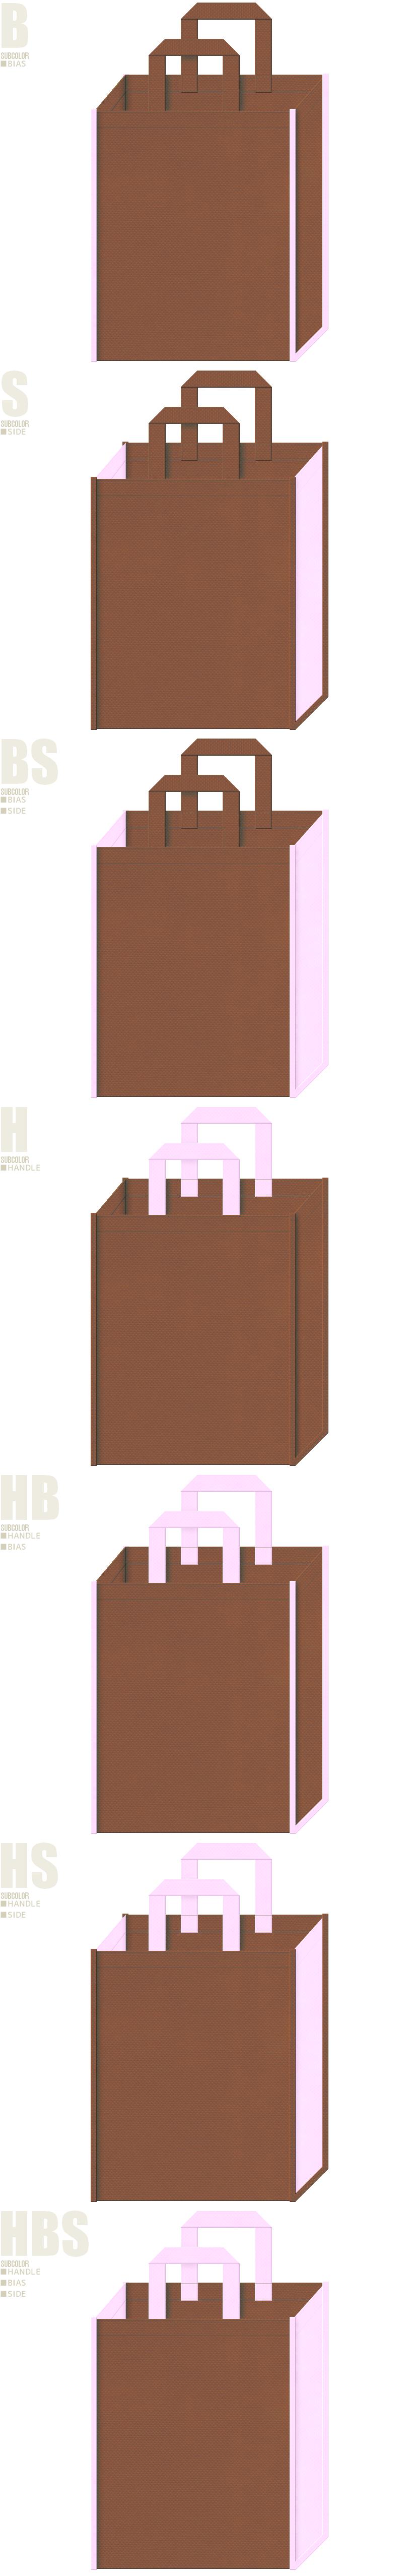 ガーリーな不織布バッグにお奨めです。茶色と明るめのピンク色、7パターンの不織布トートバッグ配色デザイン例。